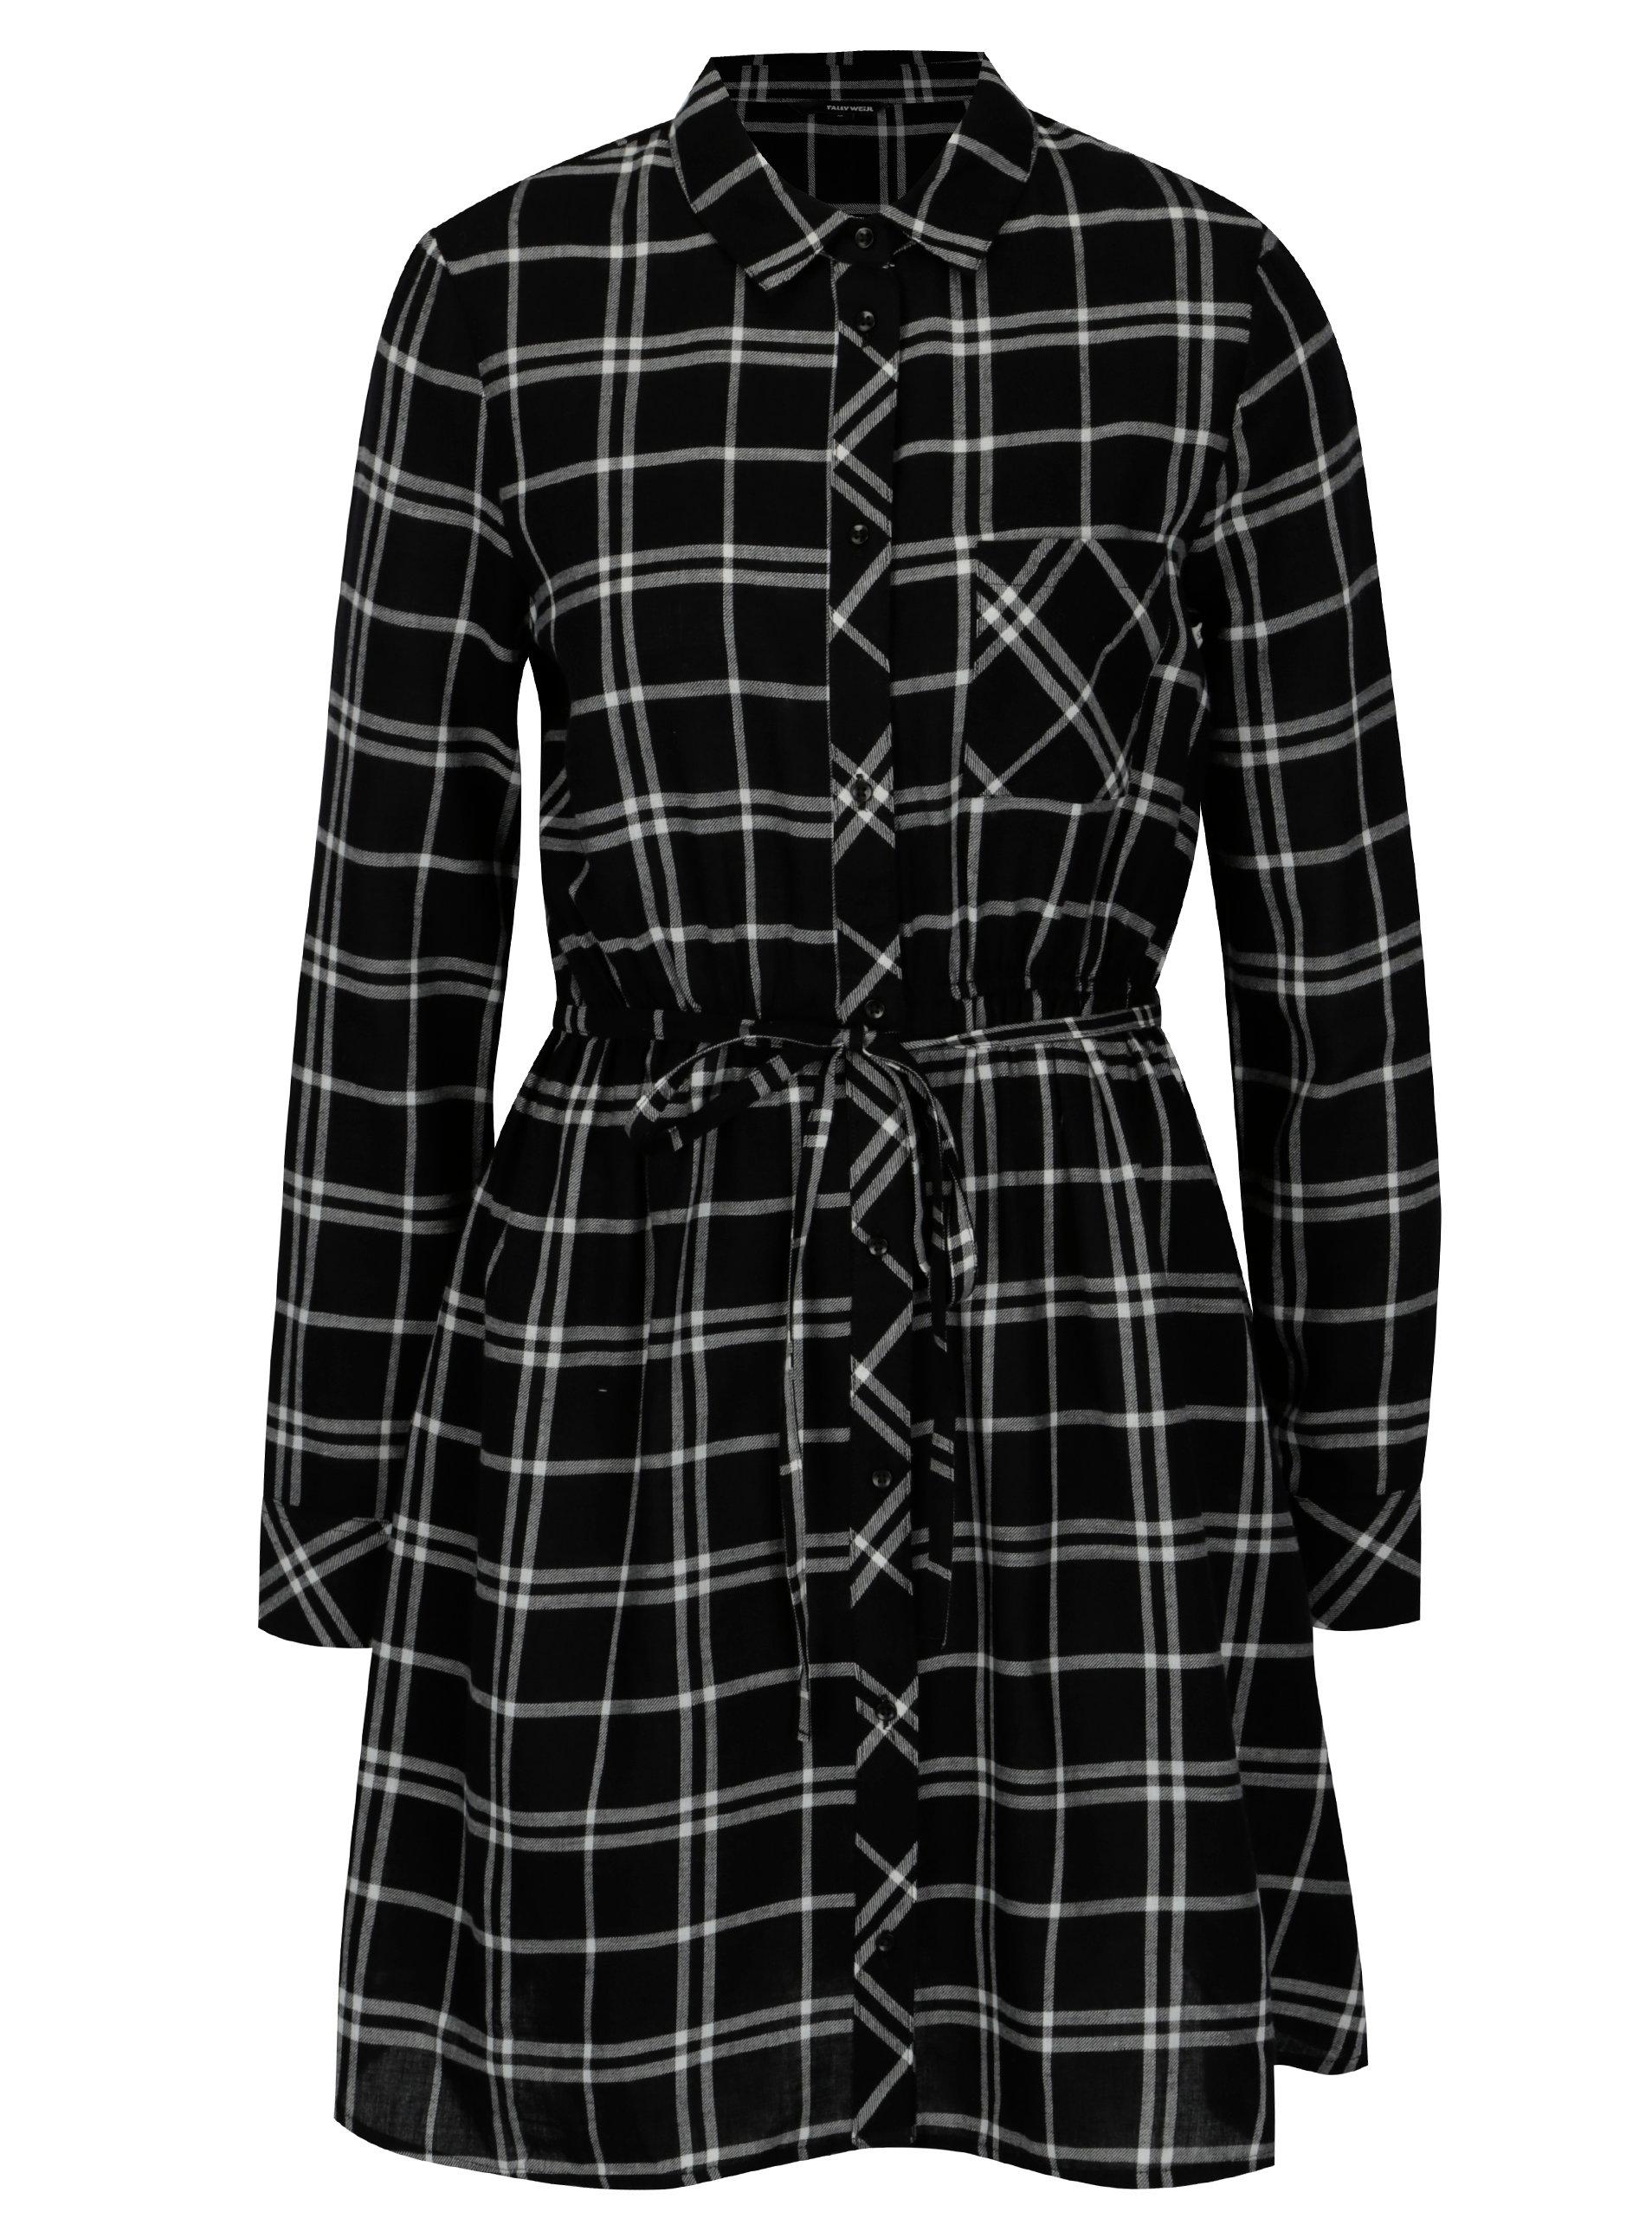 c460087599ce Černo-bílé kostkované košilové šaty TALLY WEiJL ...